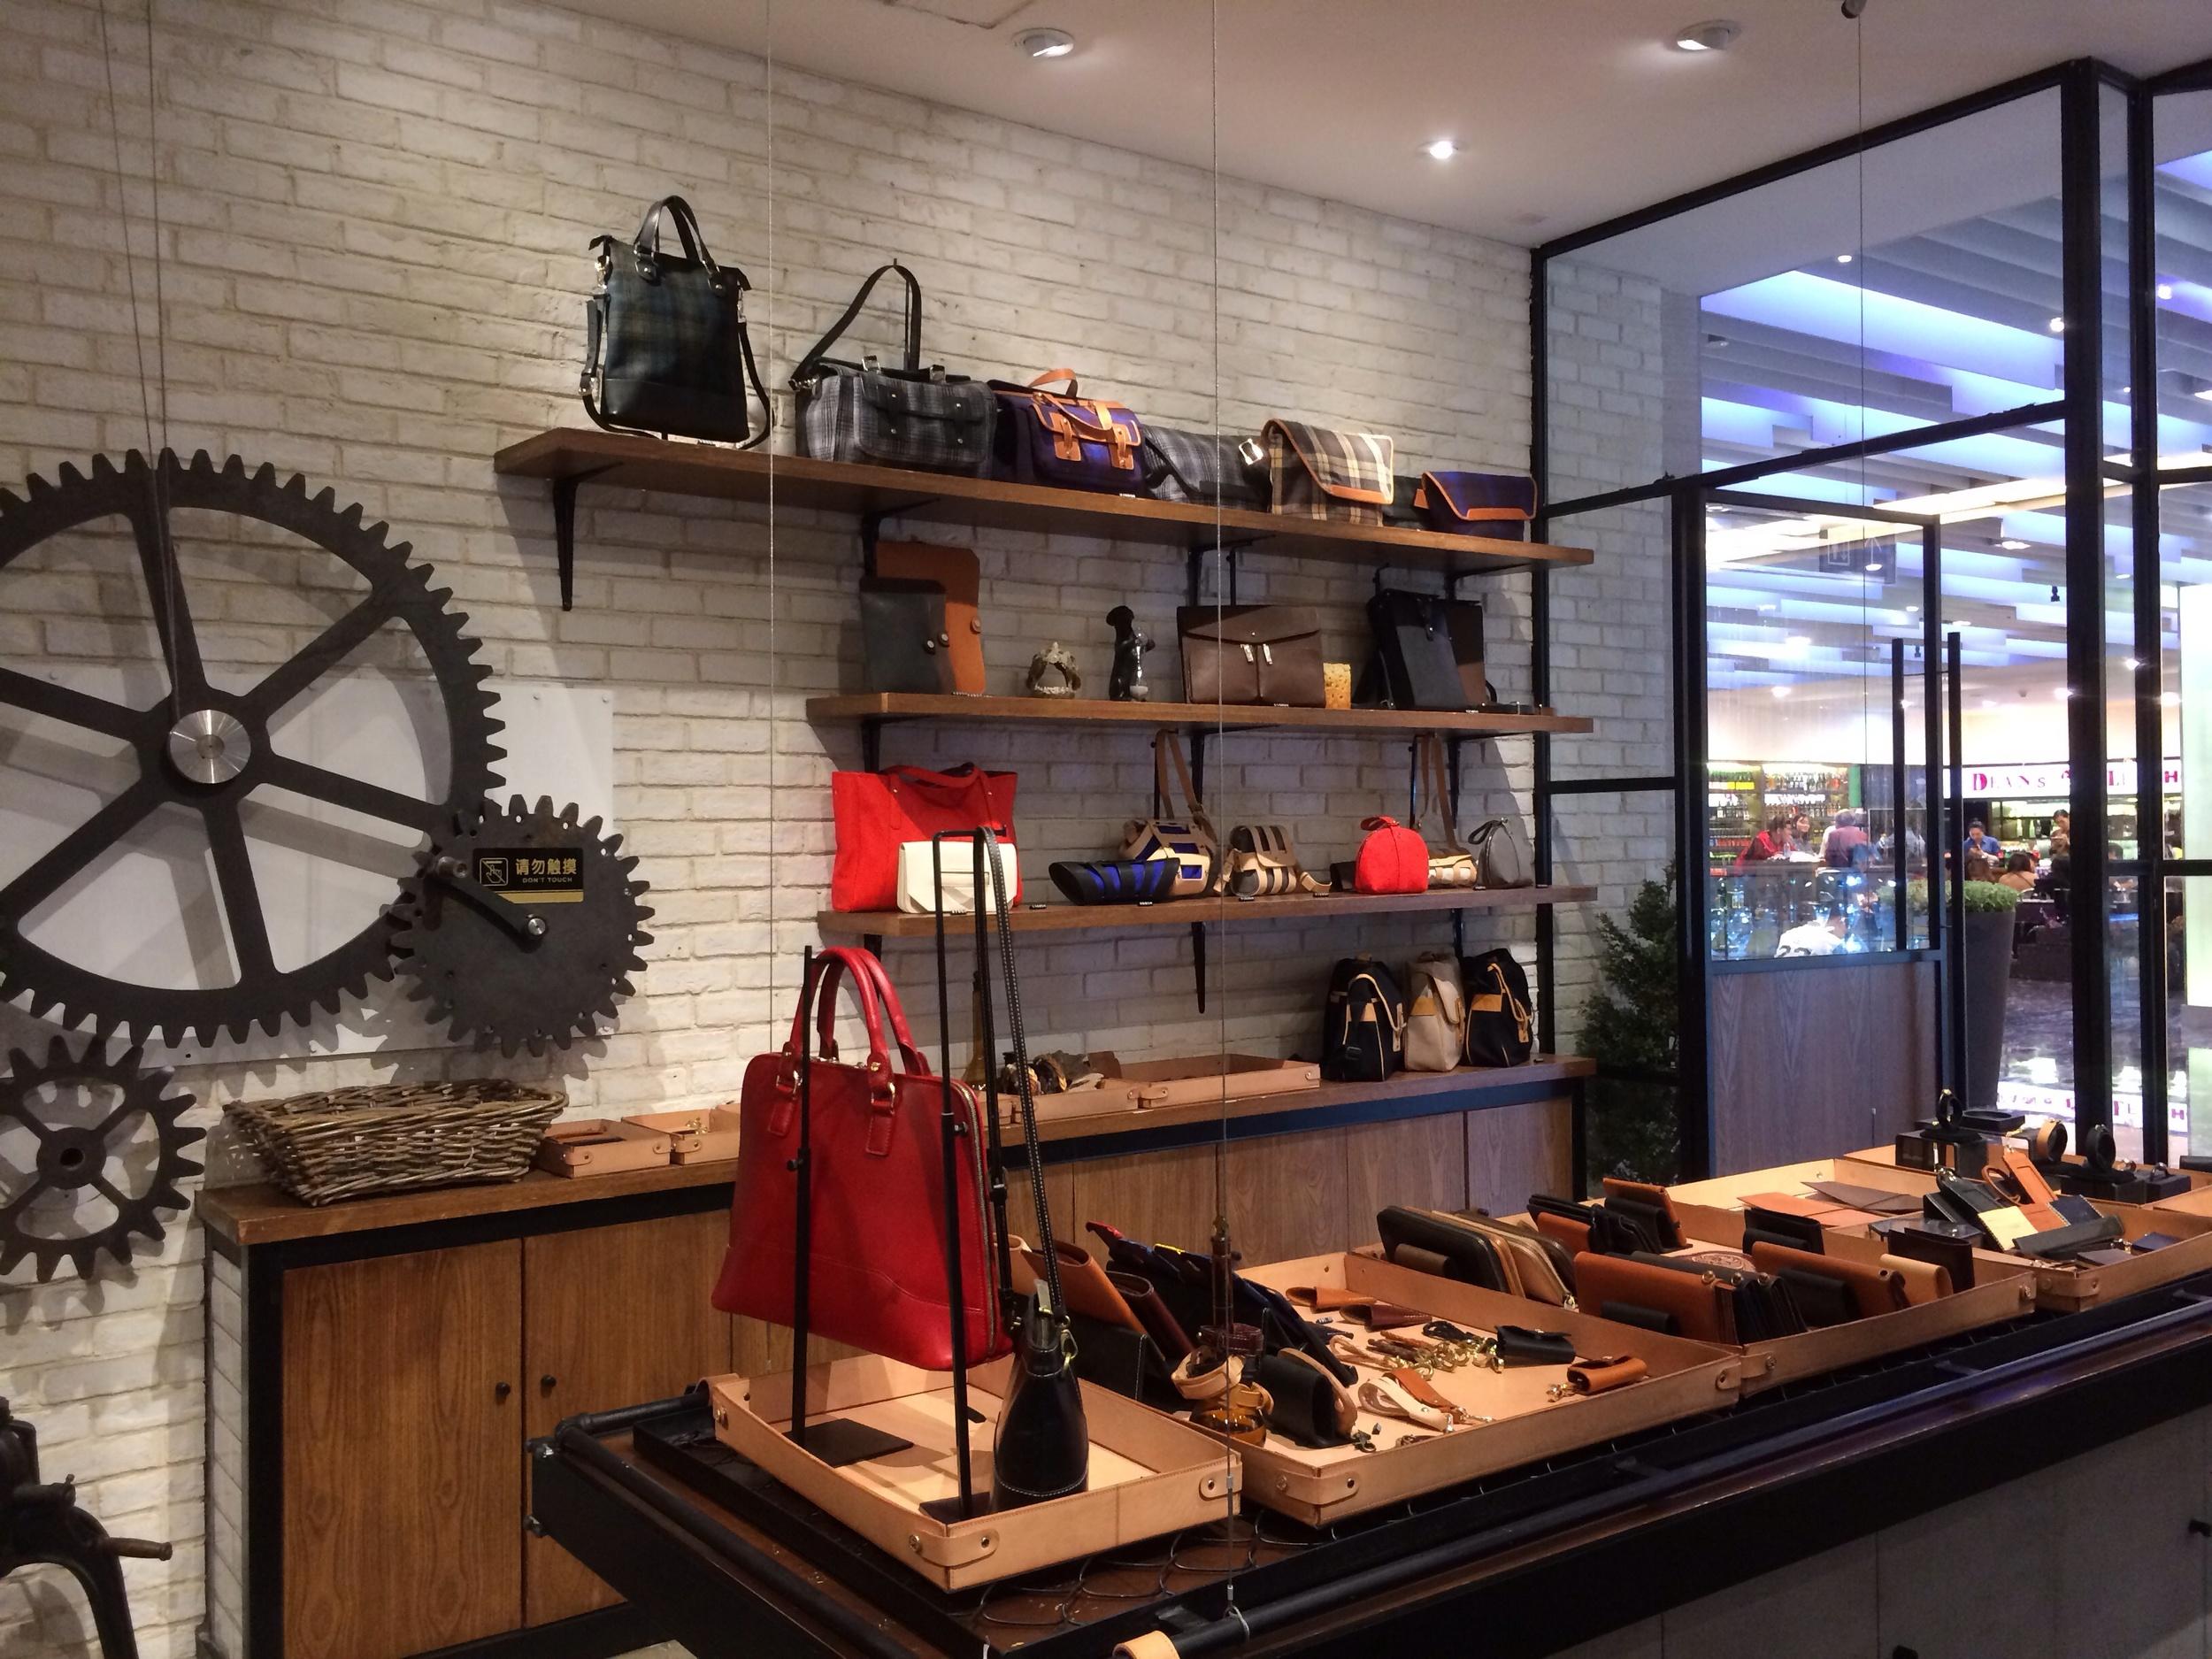 Shop interior.